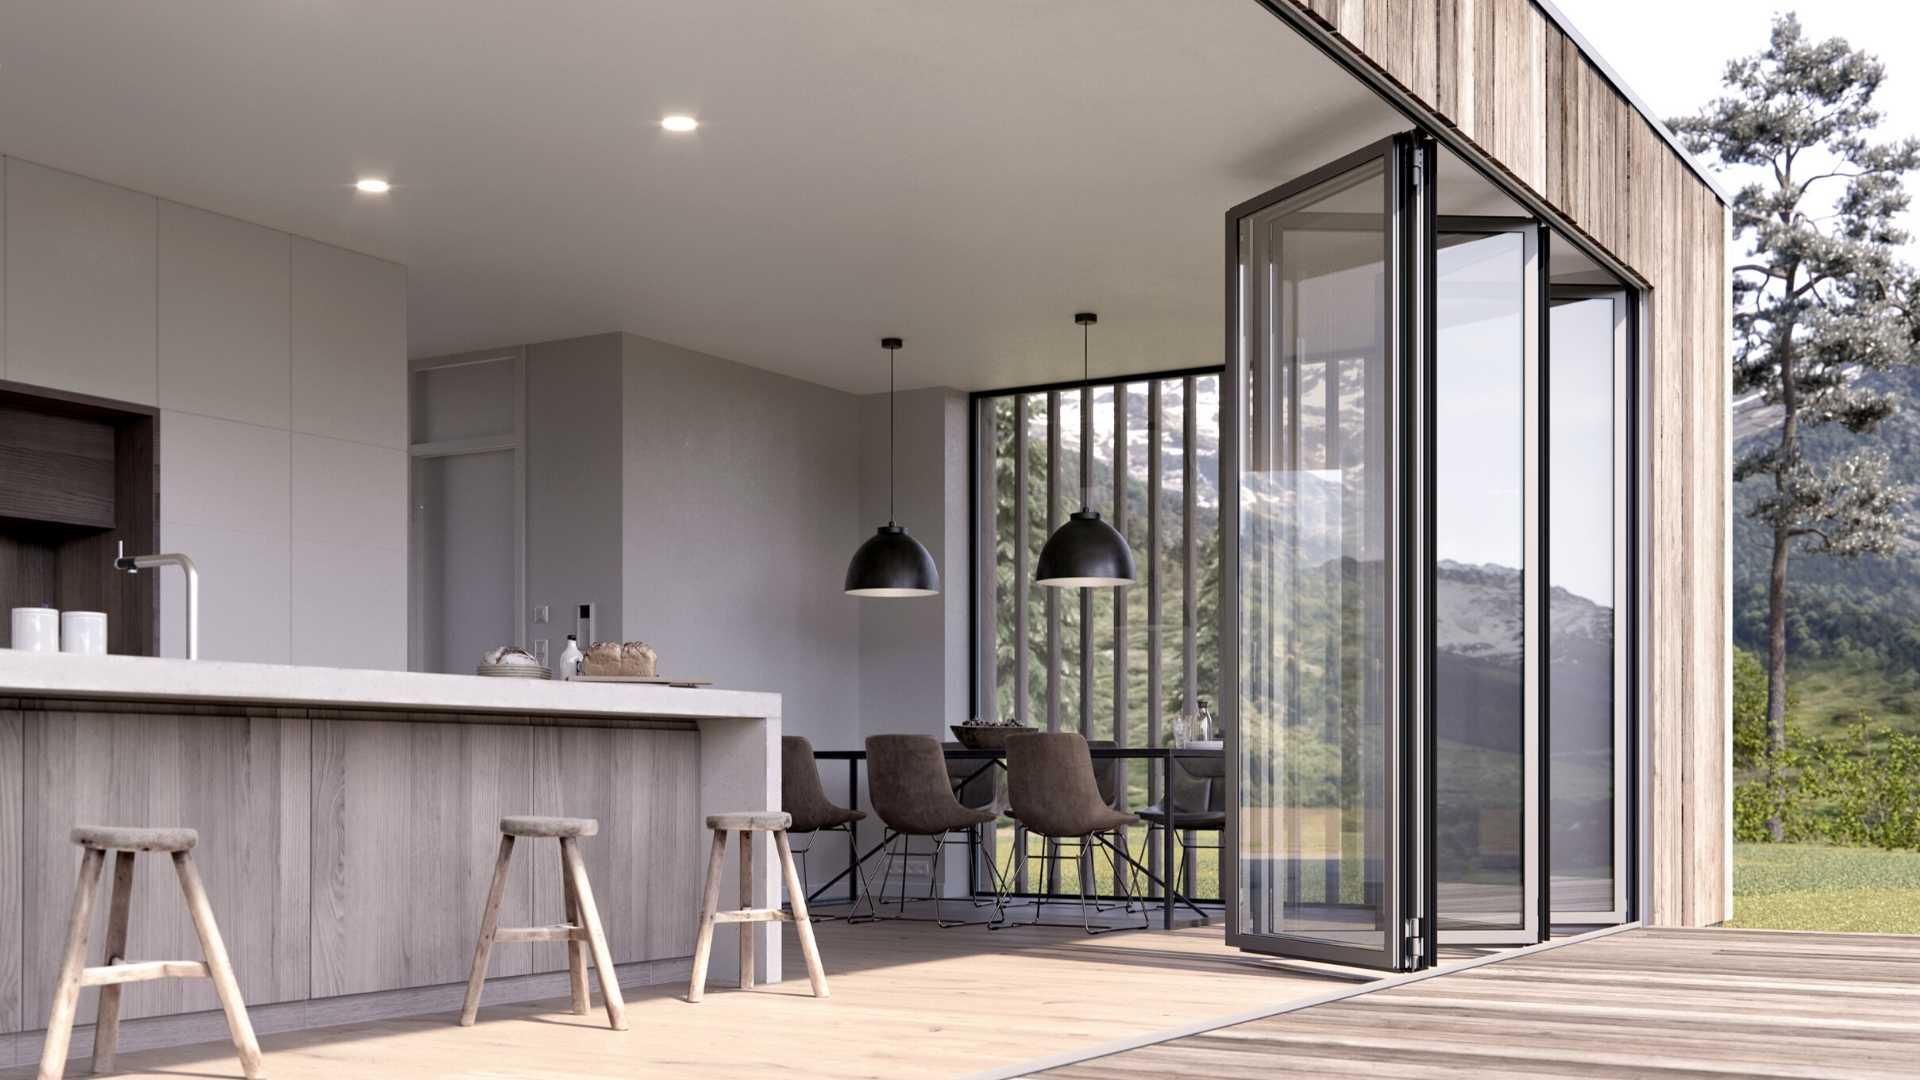 Volledig luxe uitstraling, transparantie en gastvrijheid met glaswanden